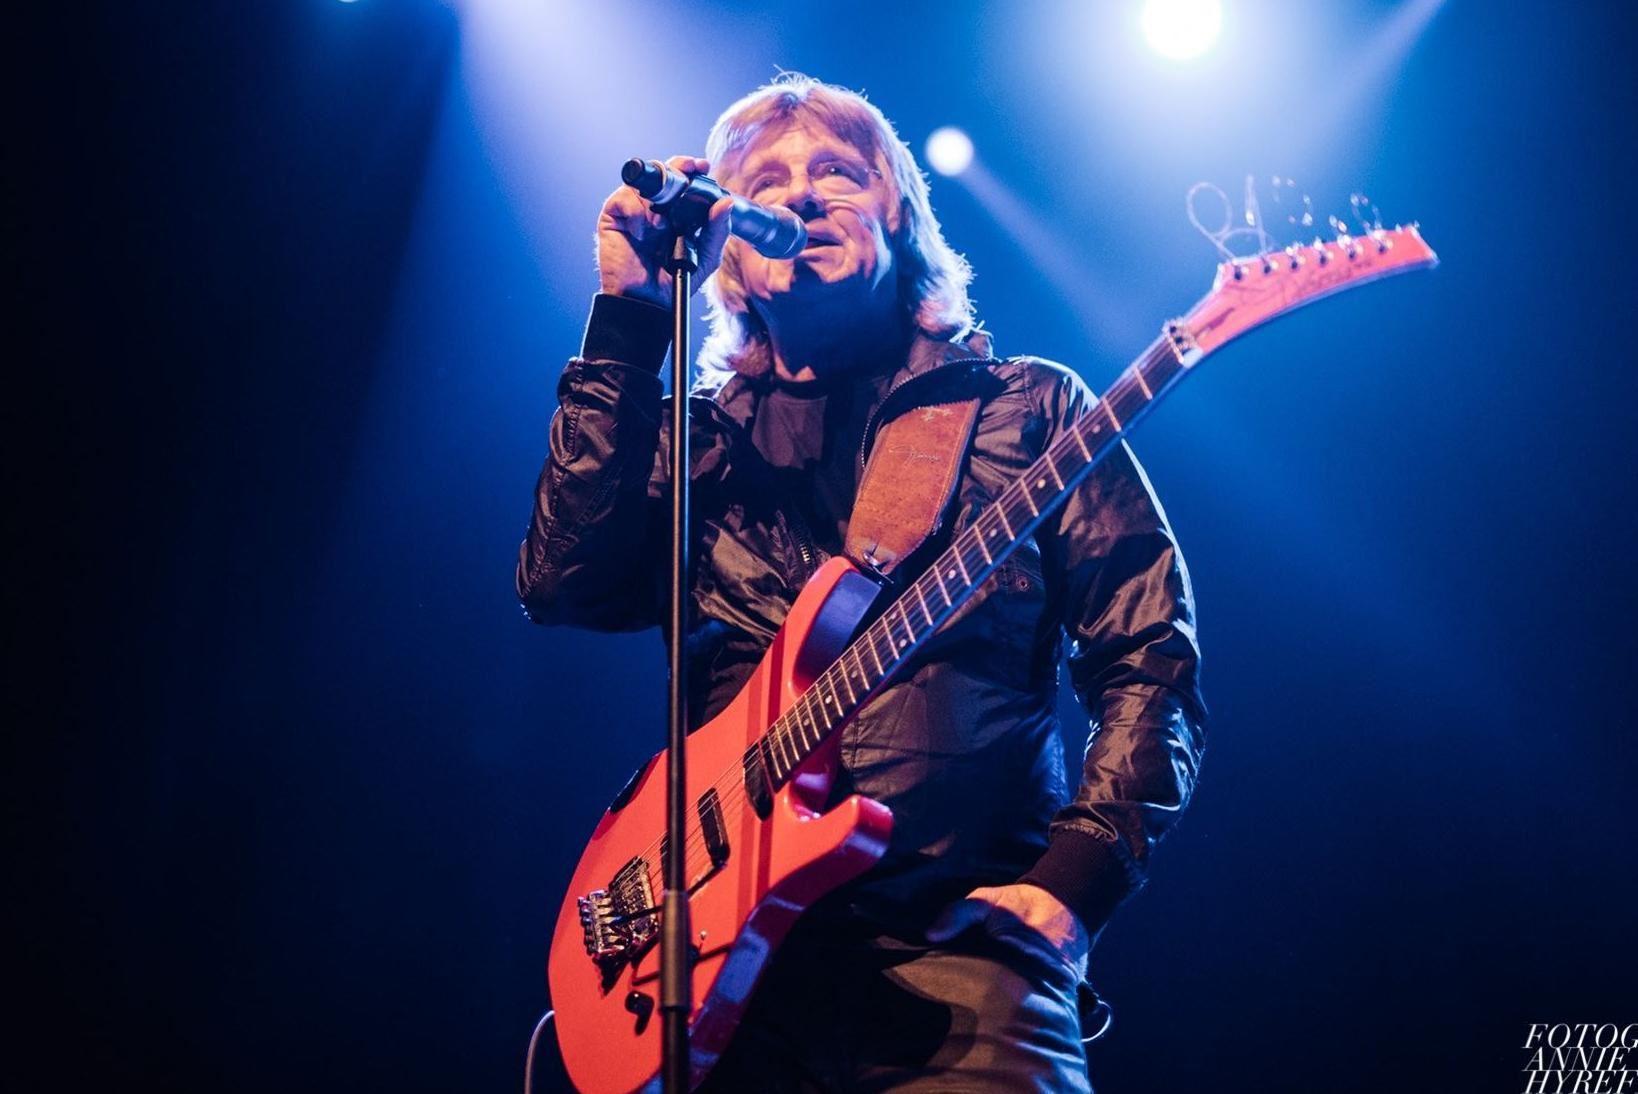 Janne Schaffer music story